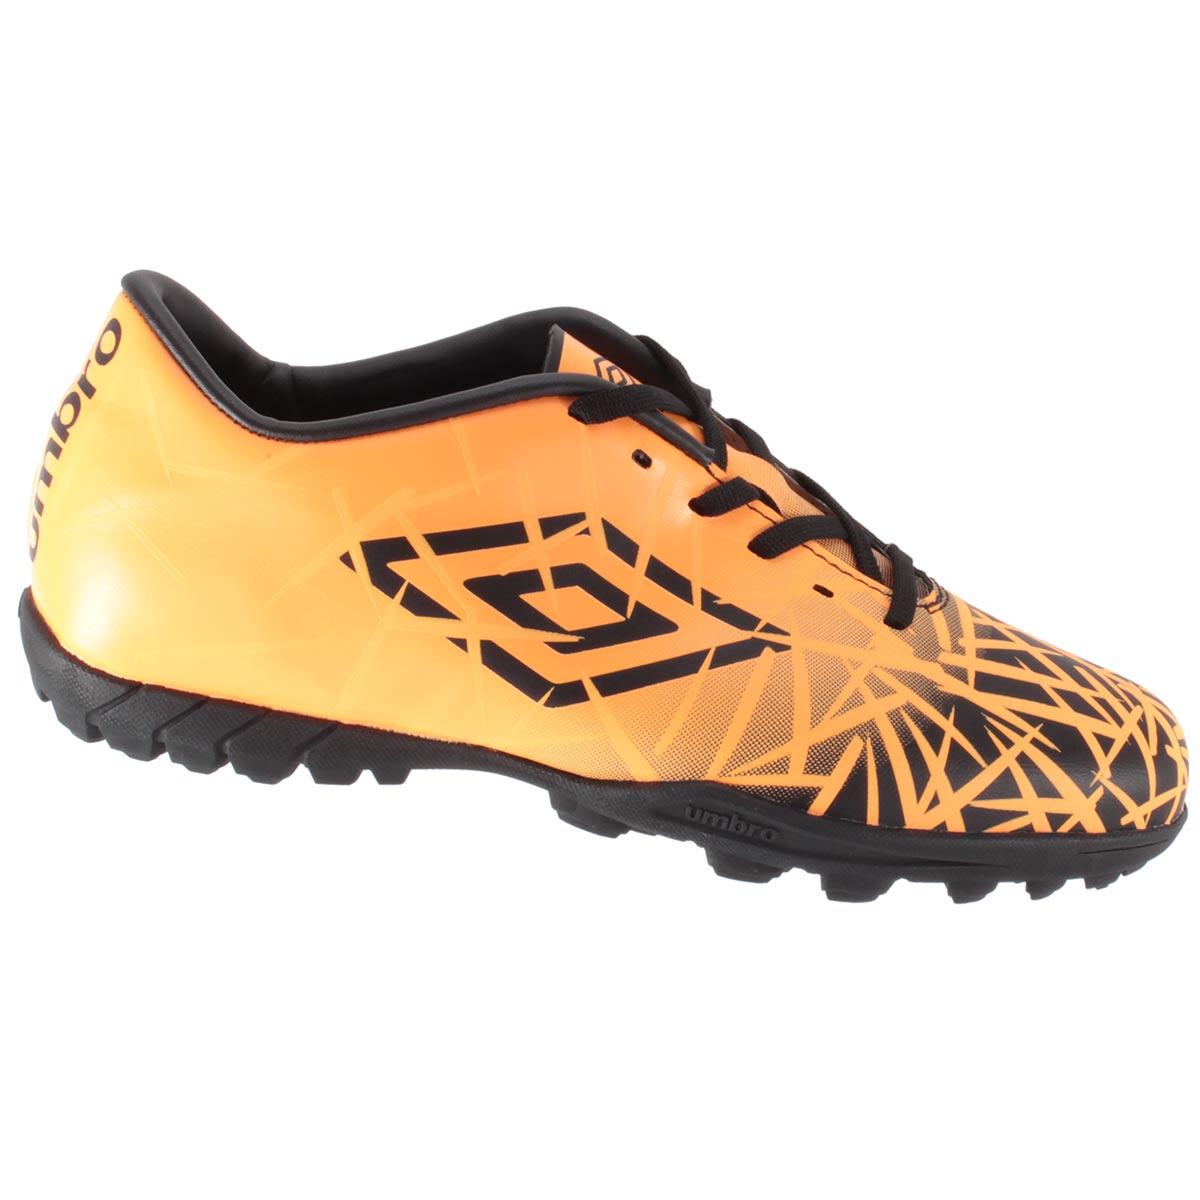 Chuteira Umbro Grass 3 Masculino Society Futebol 0F71056